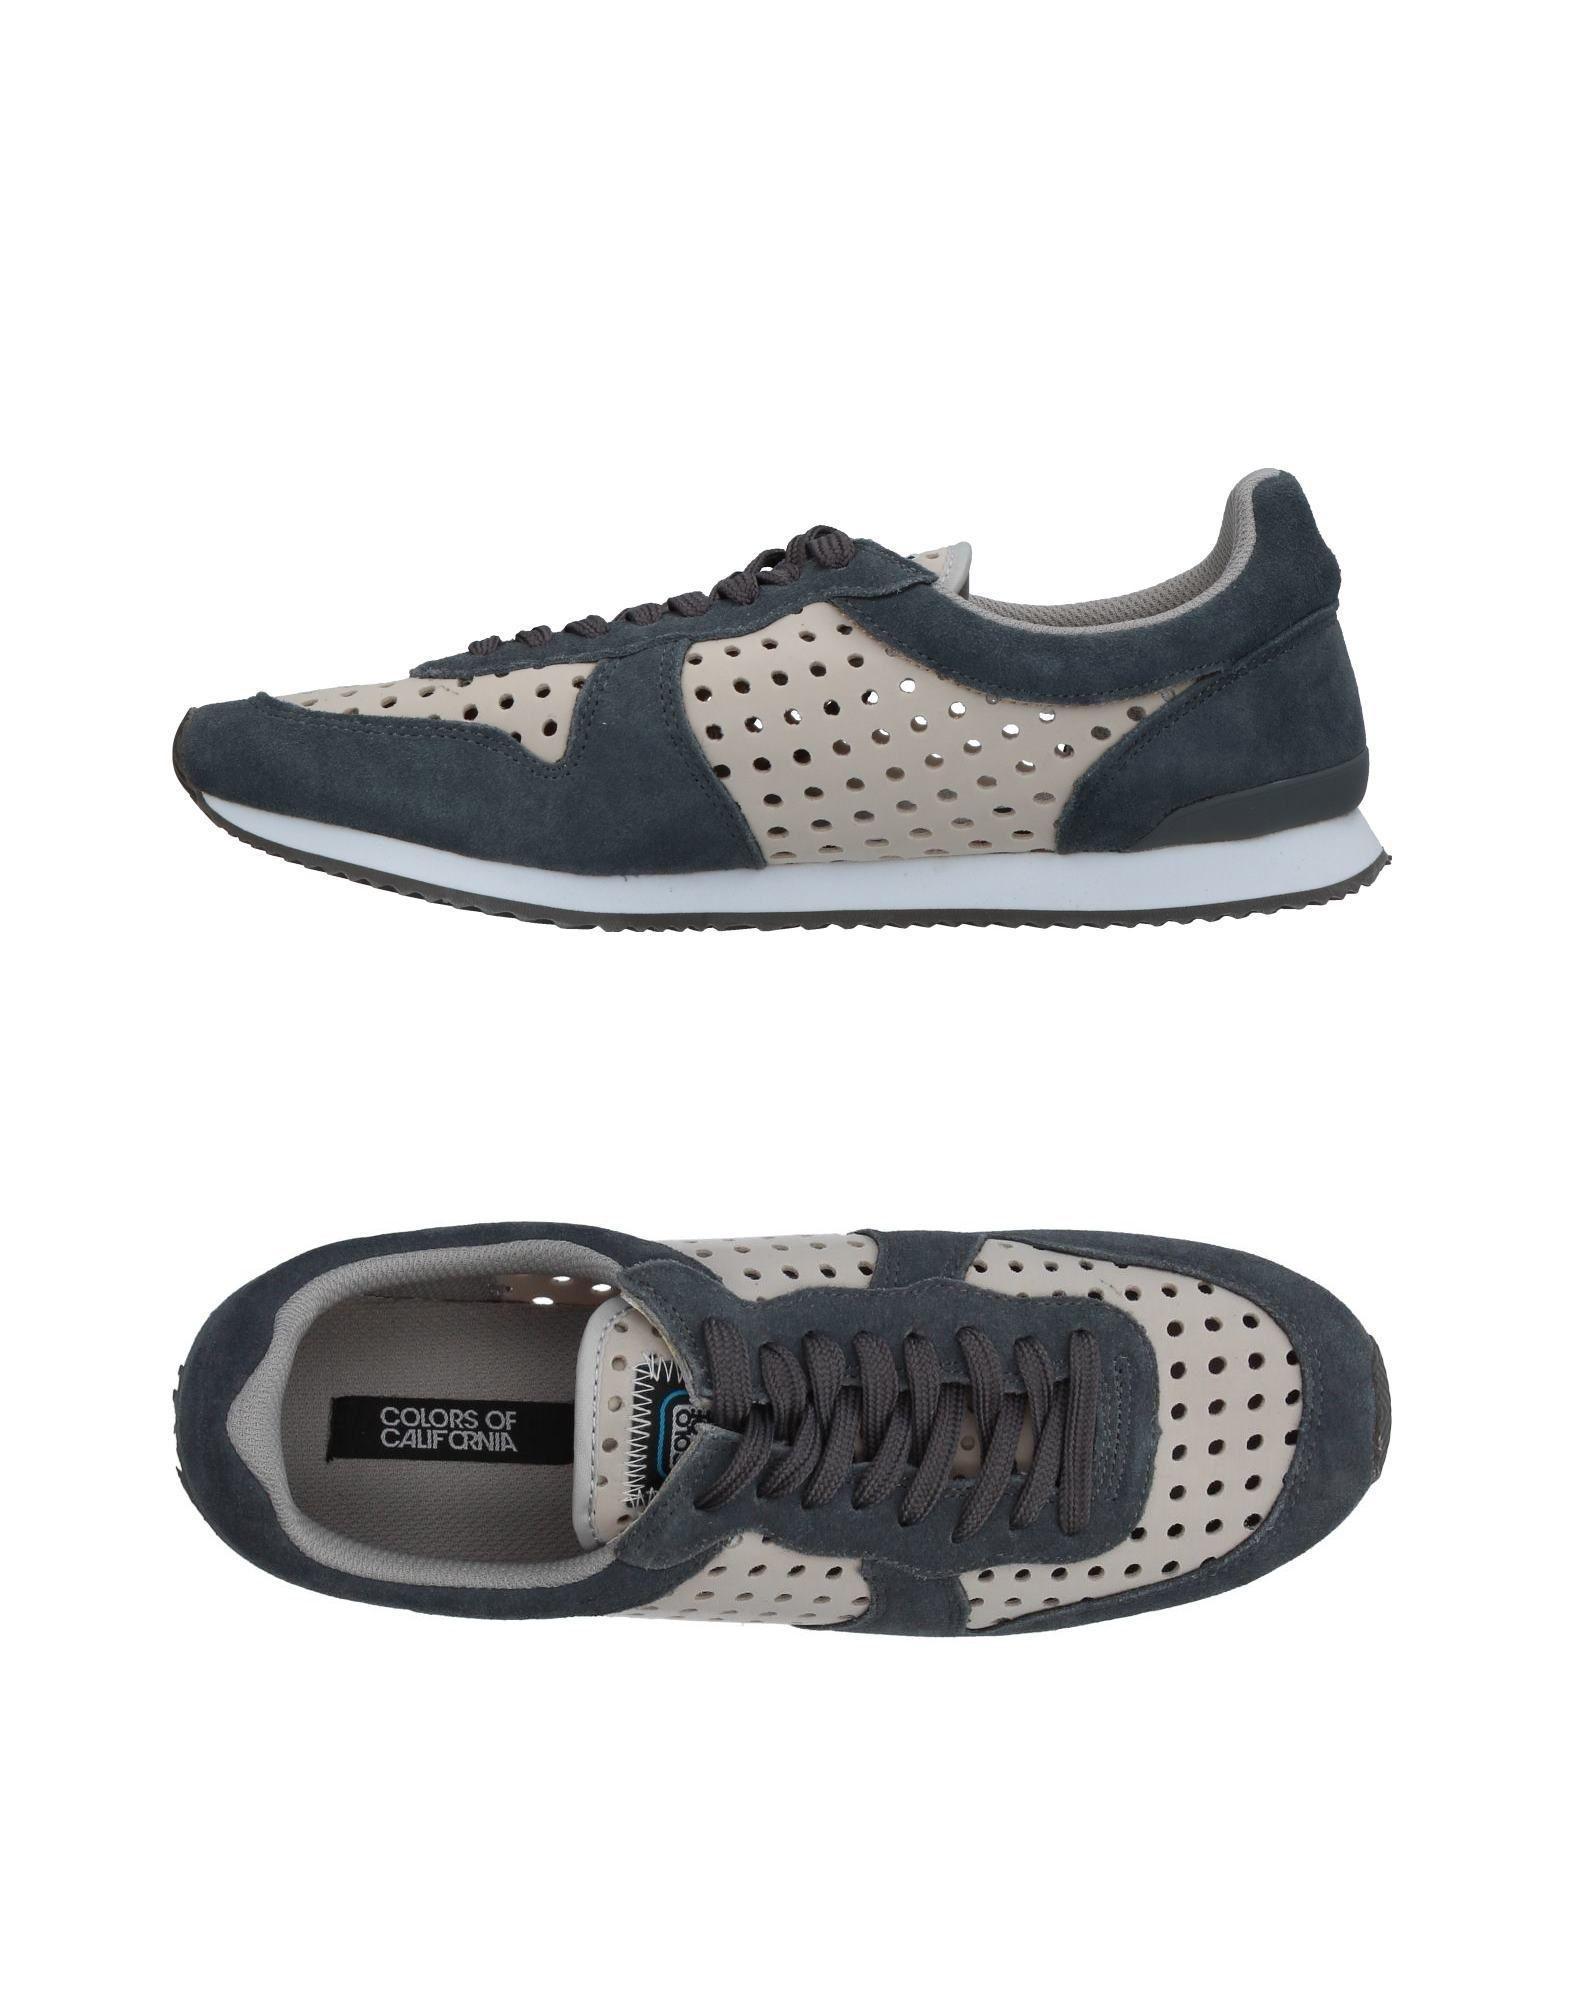 FOOTWEAR - Low-tops & sneakers Colors Of California YfJmI337